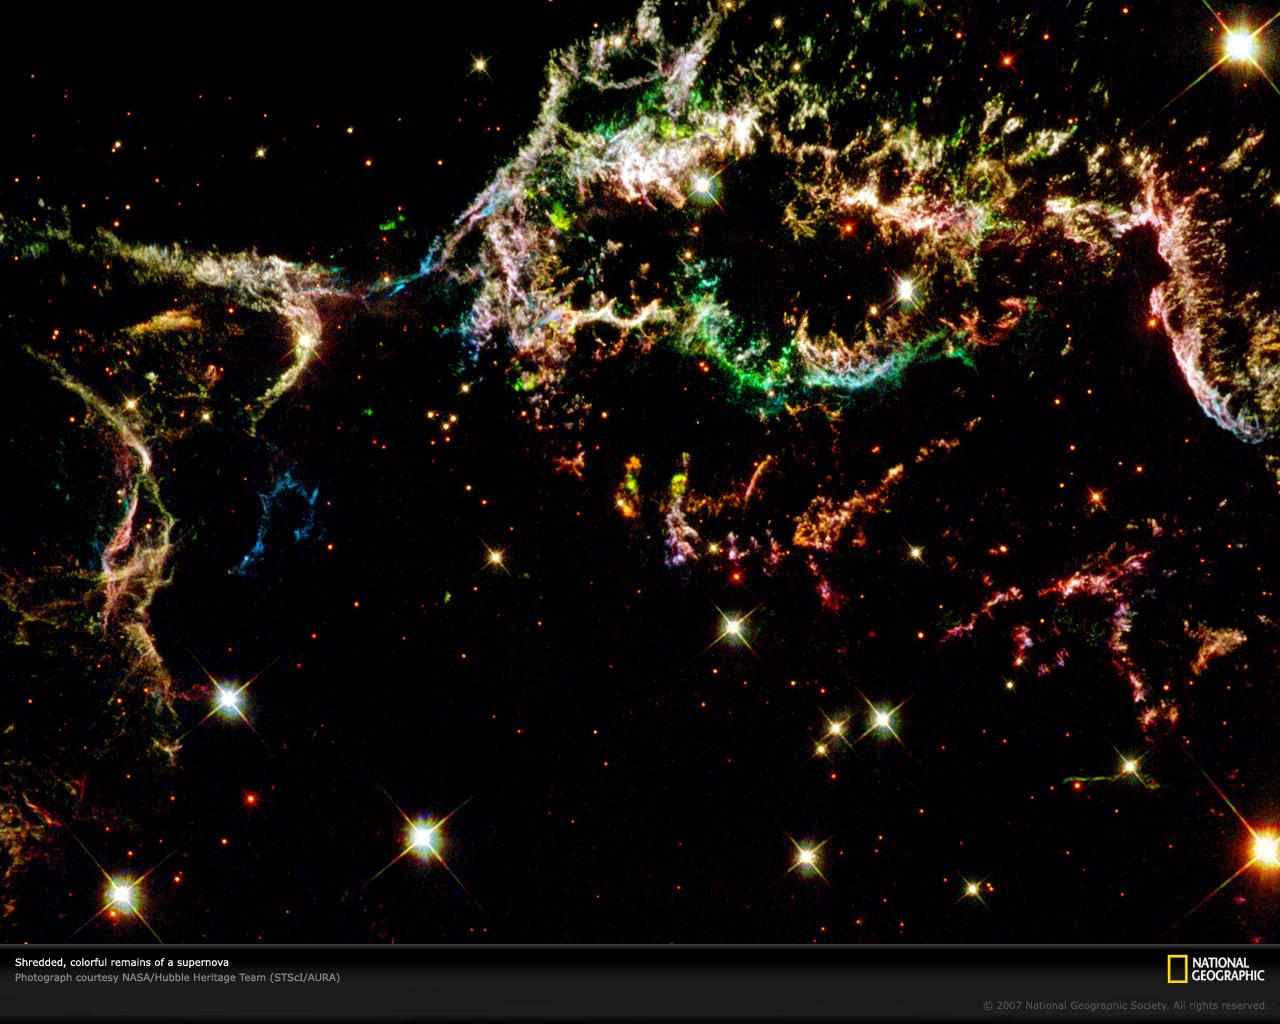 http://4.bp.blogspot.com/_gfXupHOEhH0/TThApVflUQI/AAAAAAAATeg/HYZlvFX56yE/s1600/space-wallpaper.jpg